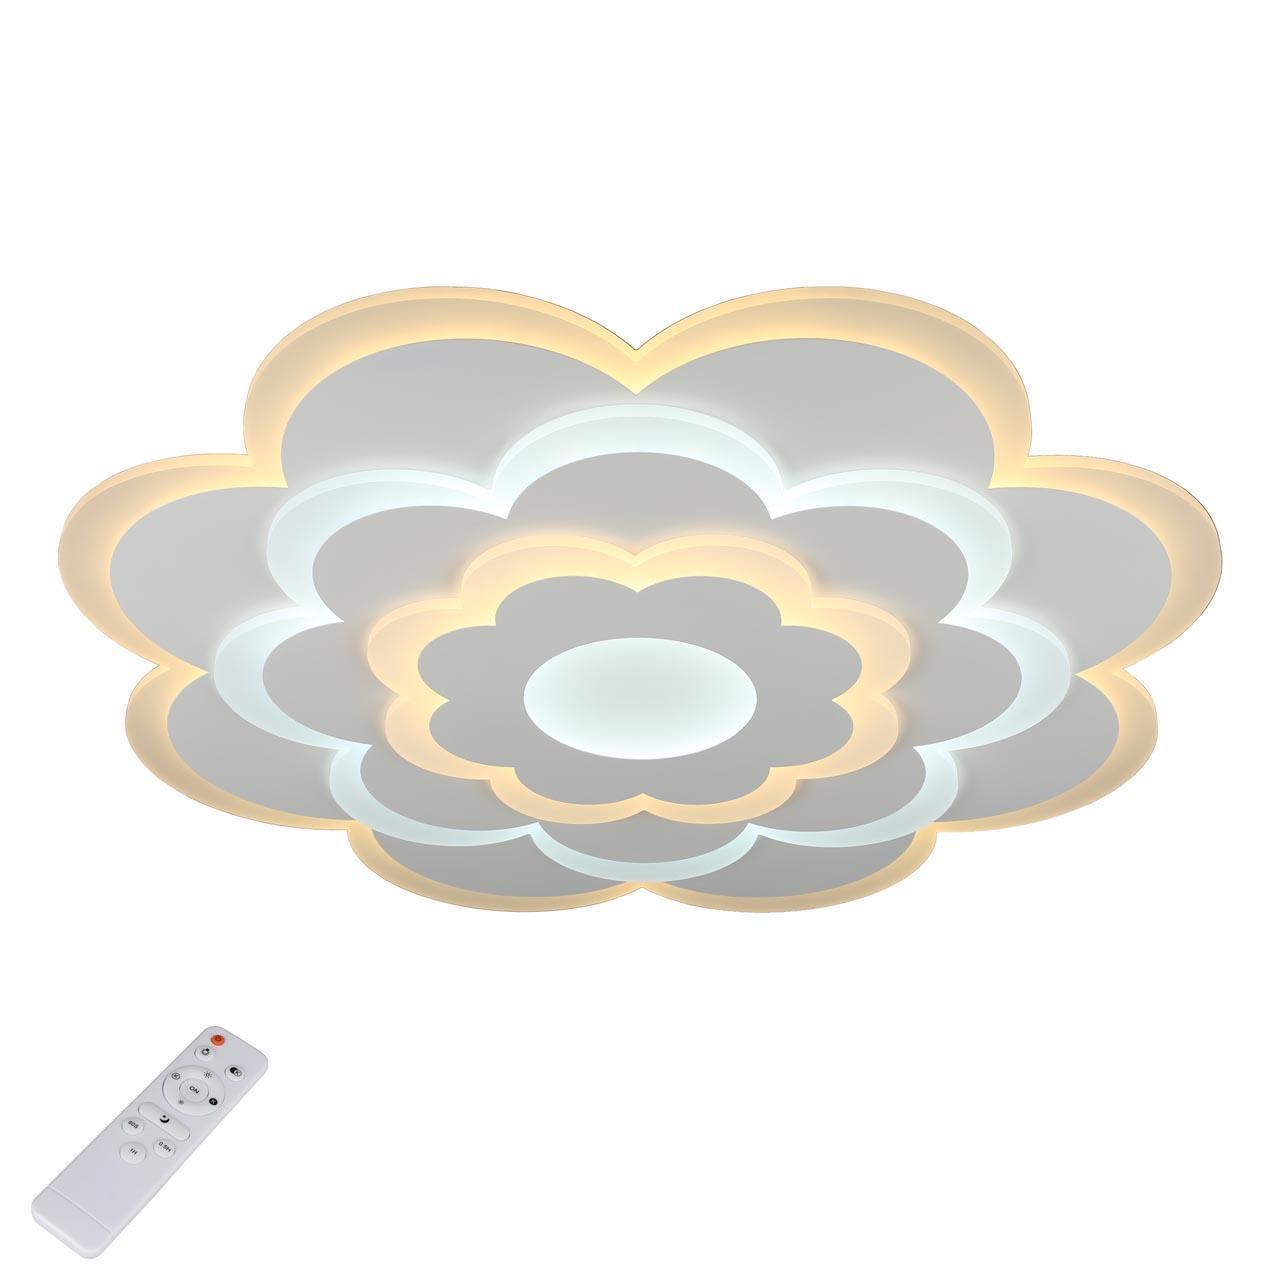 Потолочный светильник Omnilux OML-05107-120, белый потолочный светодиодный светильник с пультом ду omnilux orion oml 43107 60